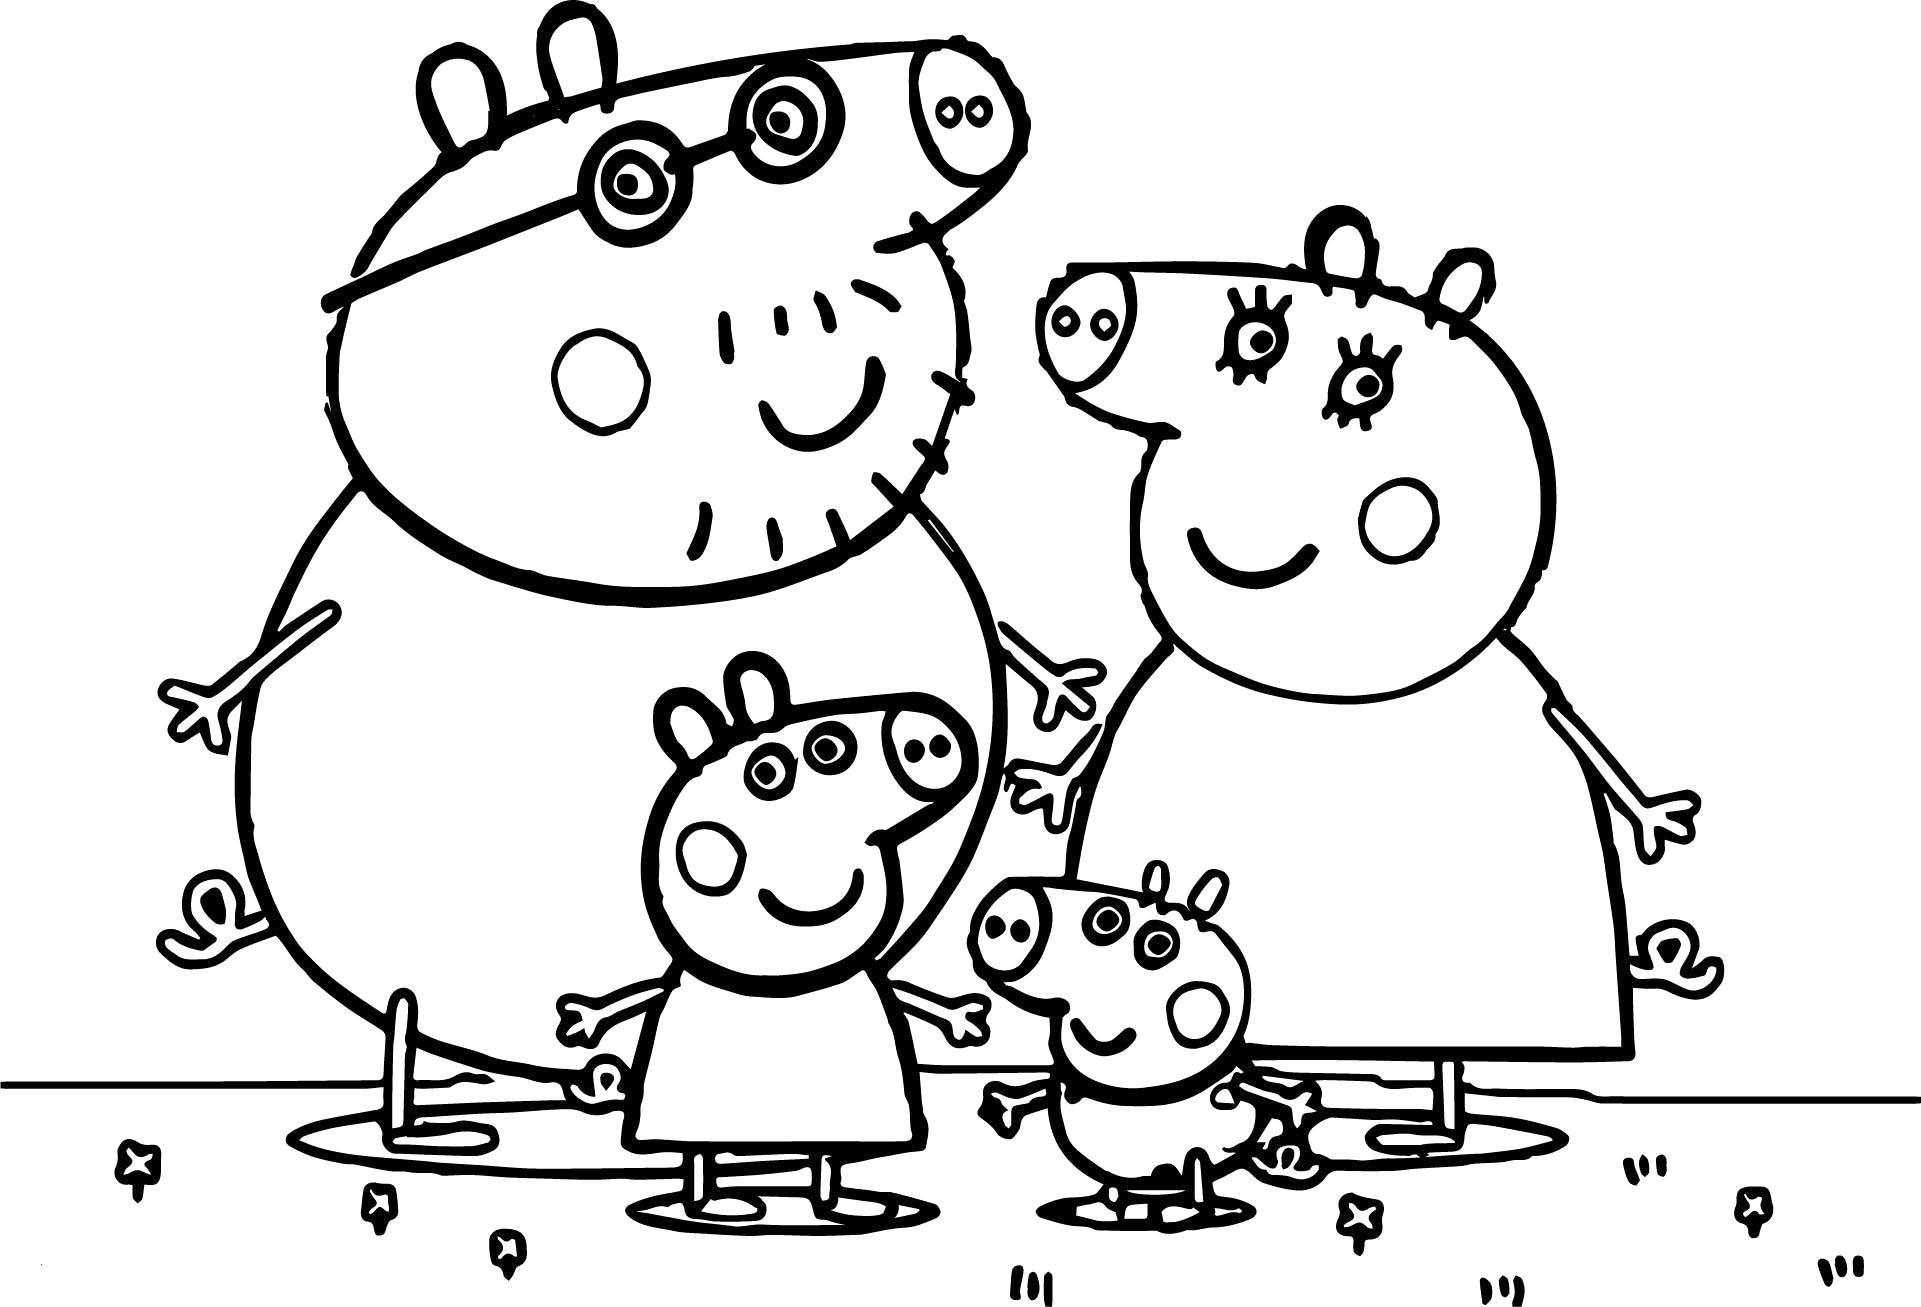 desenho da peppa para colorir peppa pig para colorir imprimir colorir da para peppa desenho